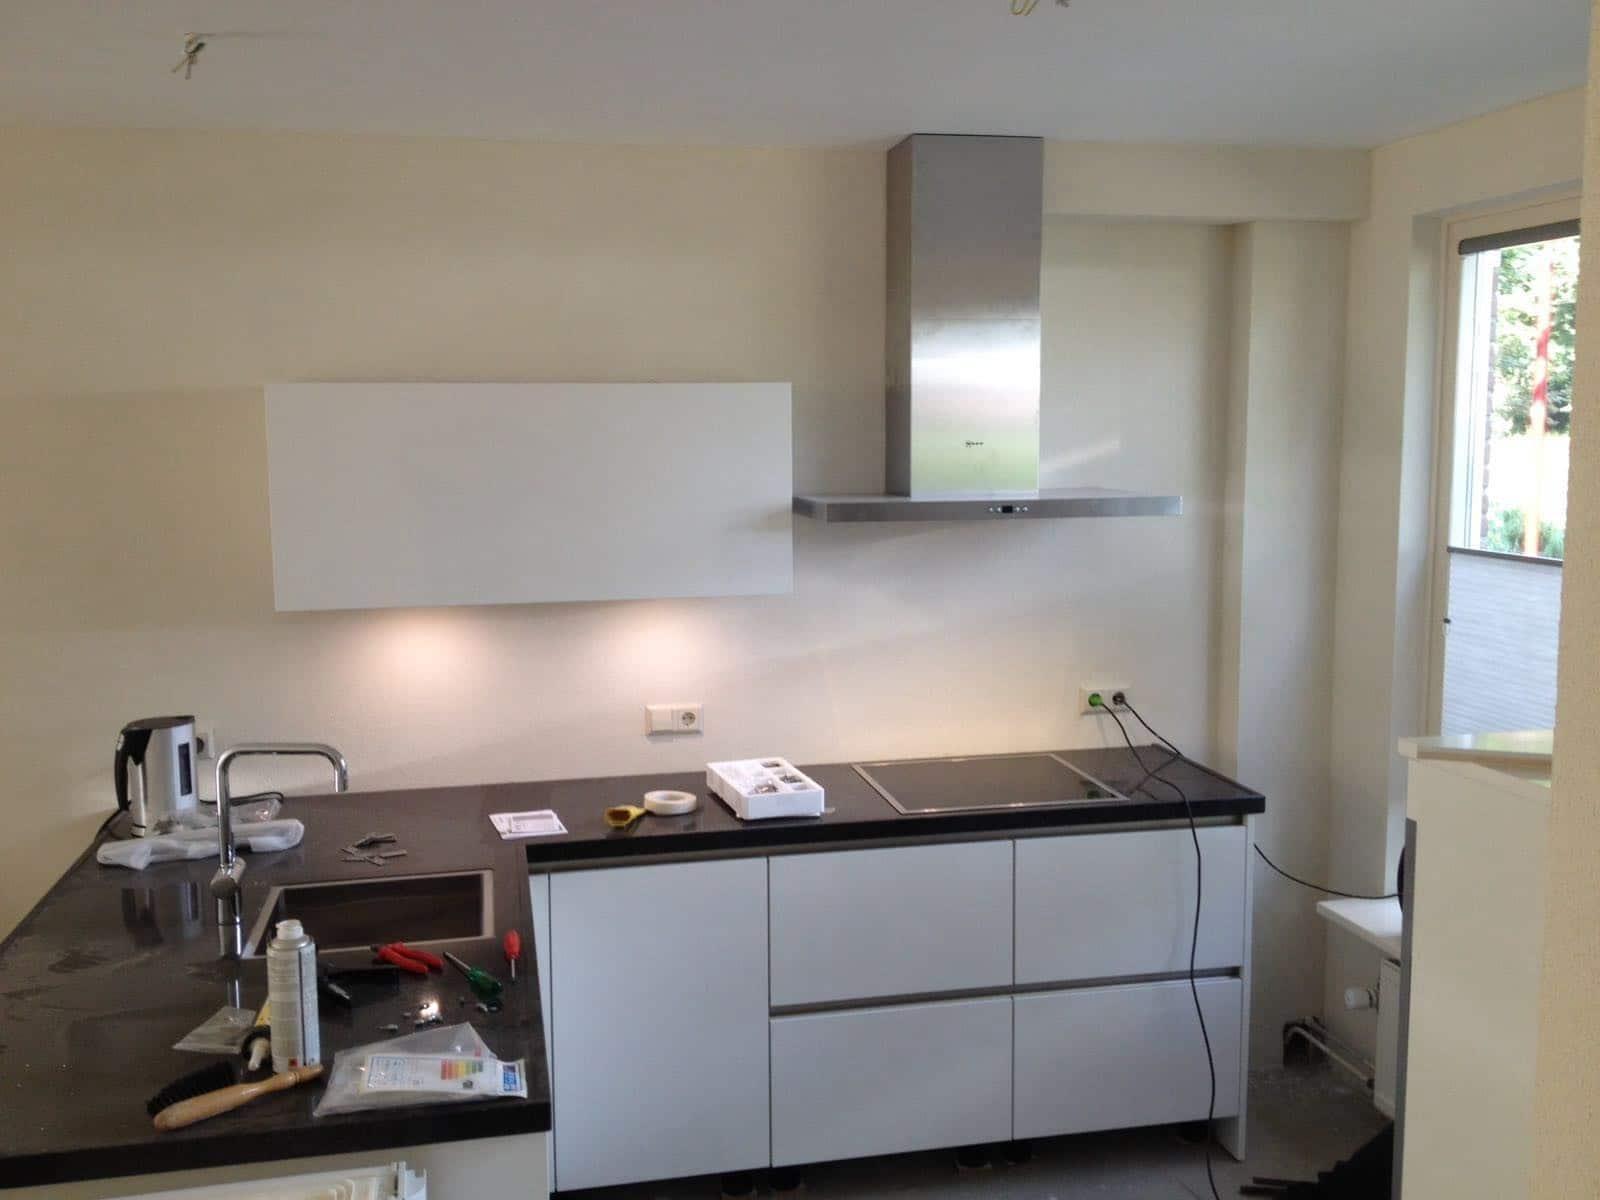 Eerste keuken na de zomervakantie opgeleverd keukenstudio beelen - Werkblad silestone ...